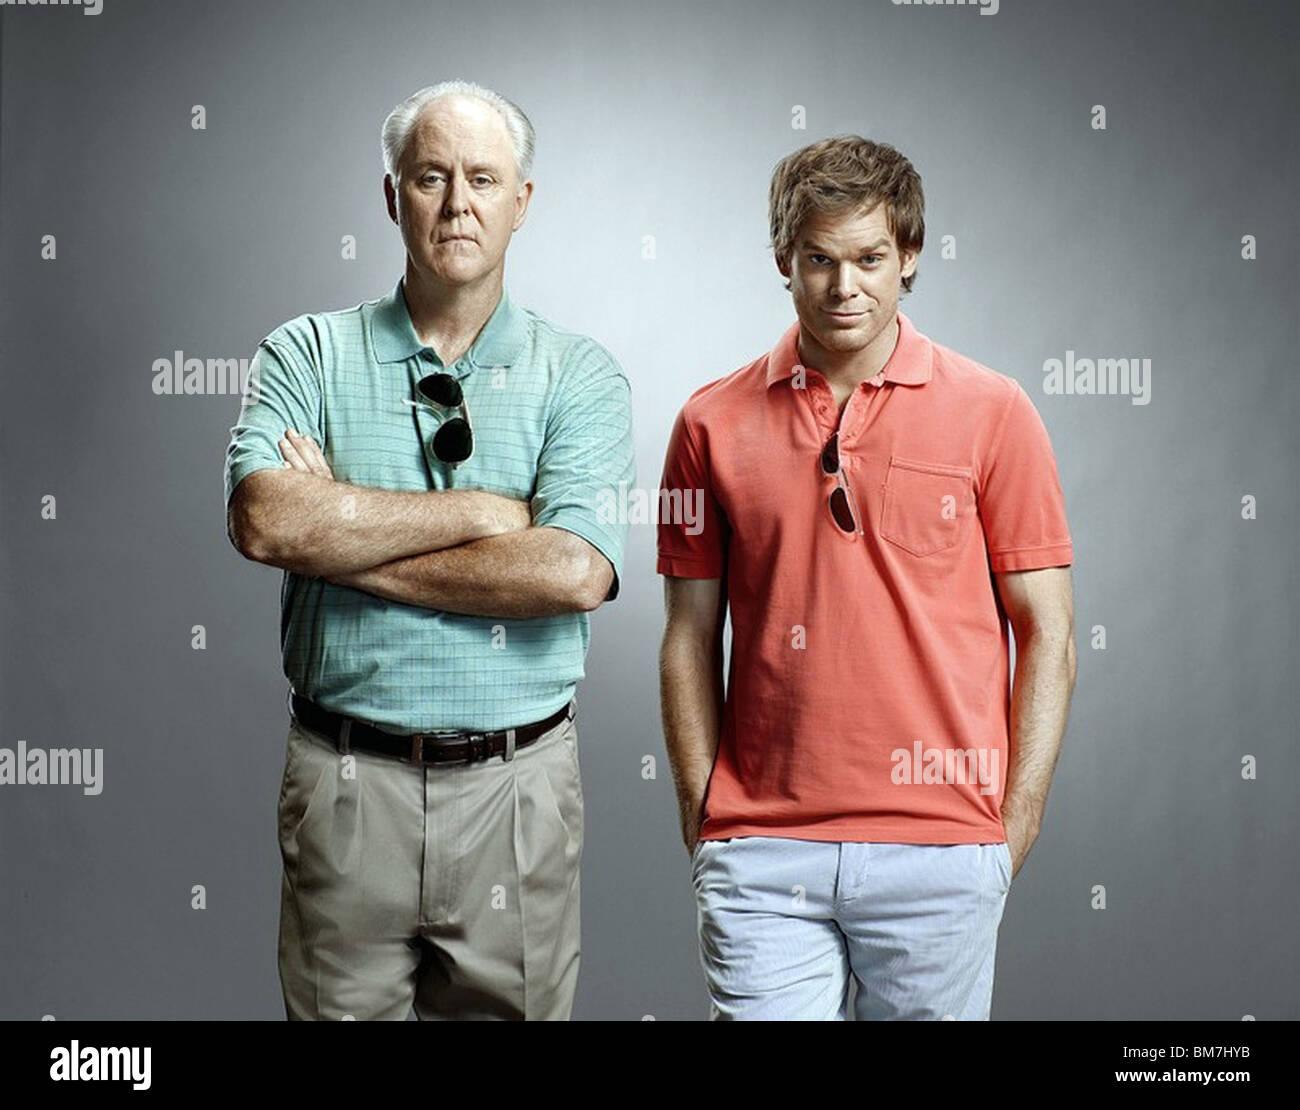 Serie de TV: Dexter, temporada 4 Foto & Imagen De Stock: 29671247 ...